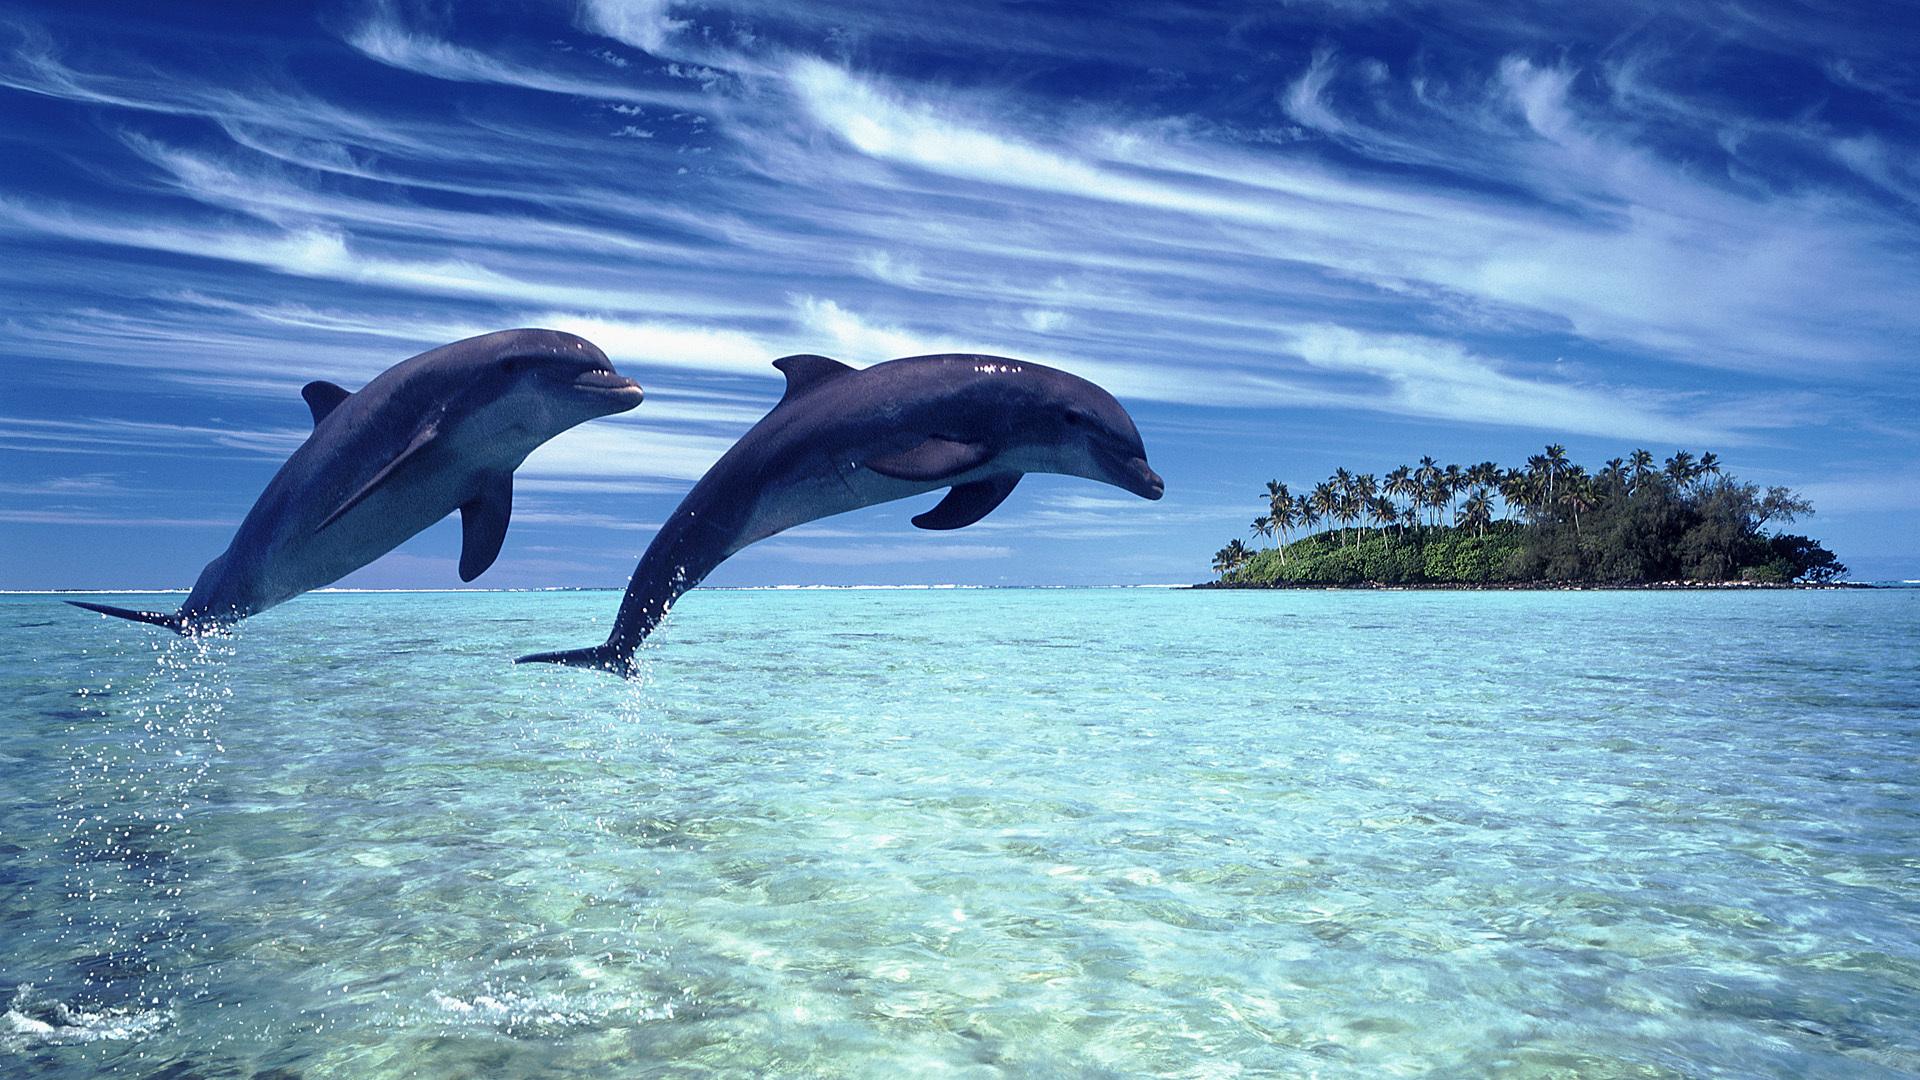 природа животные дельфины море на телефон